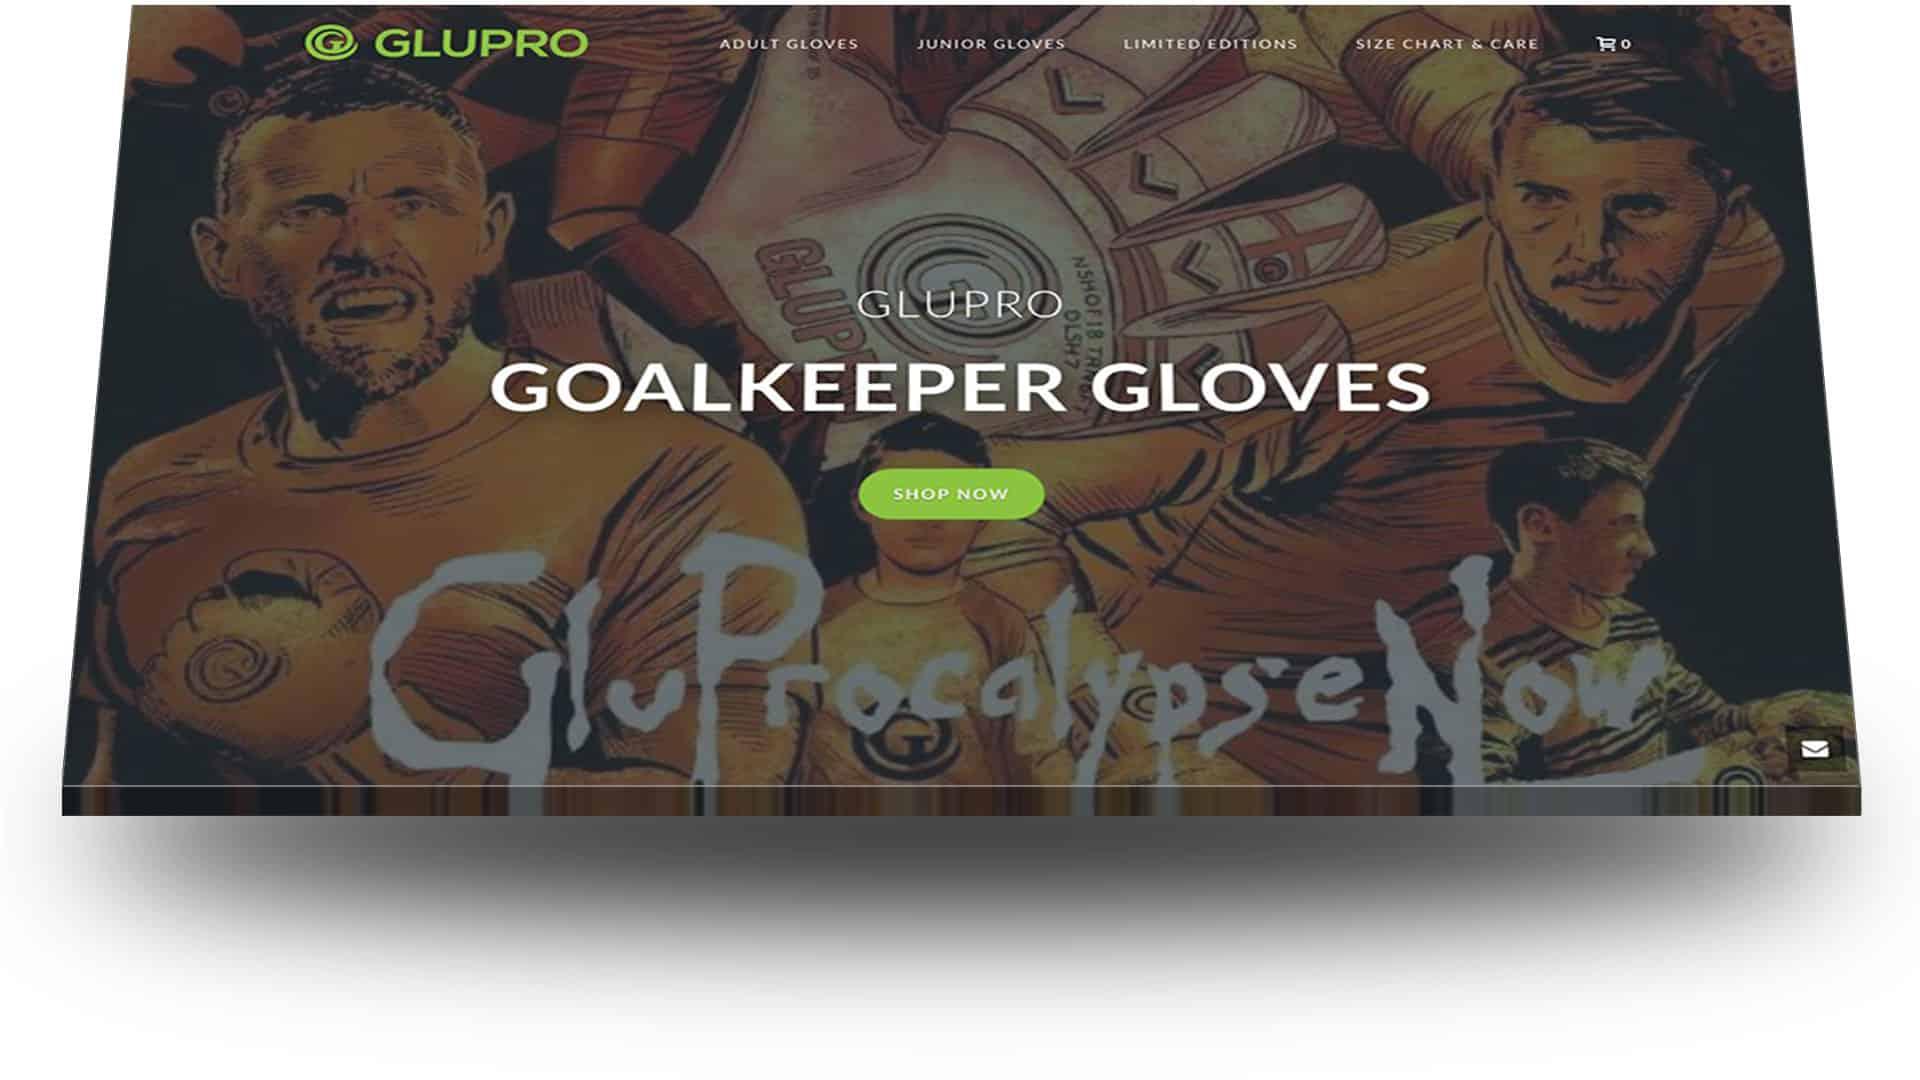 glupro - wordpress website design portfolio